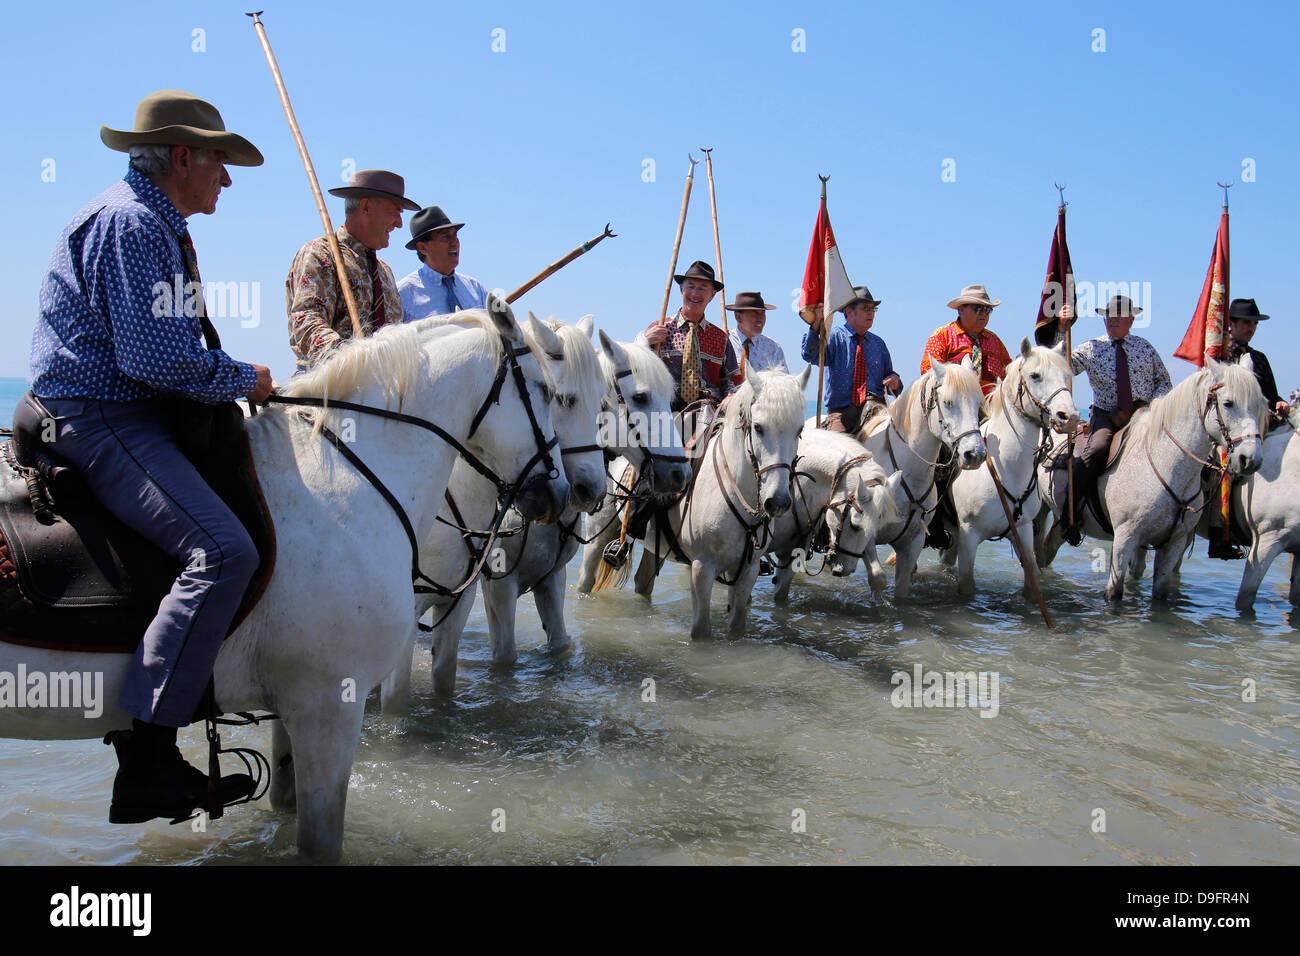 Les tuteurs sur l'escortant la procession à la mer, le pèlerinage des Saintes-Maries-de-la-Mer, Bouches Photo Stock